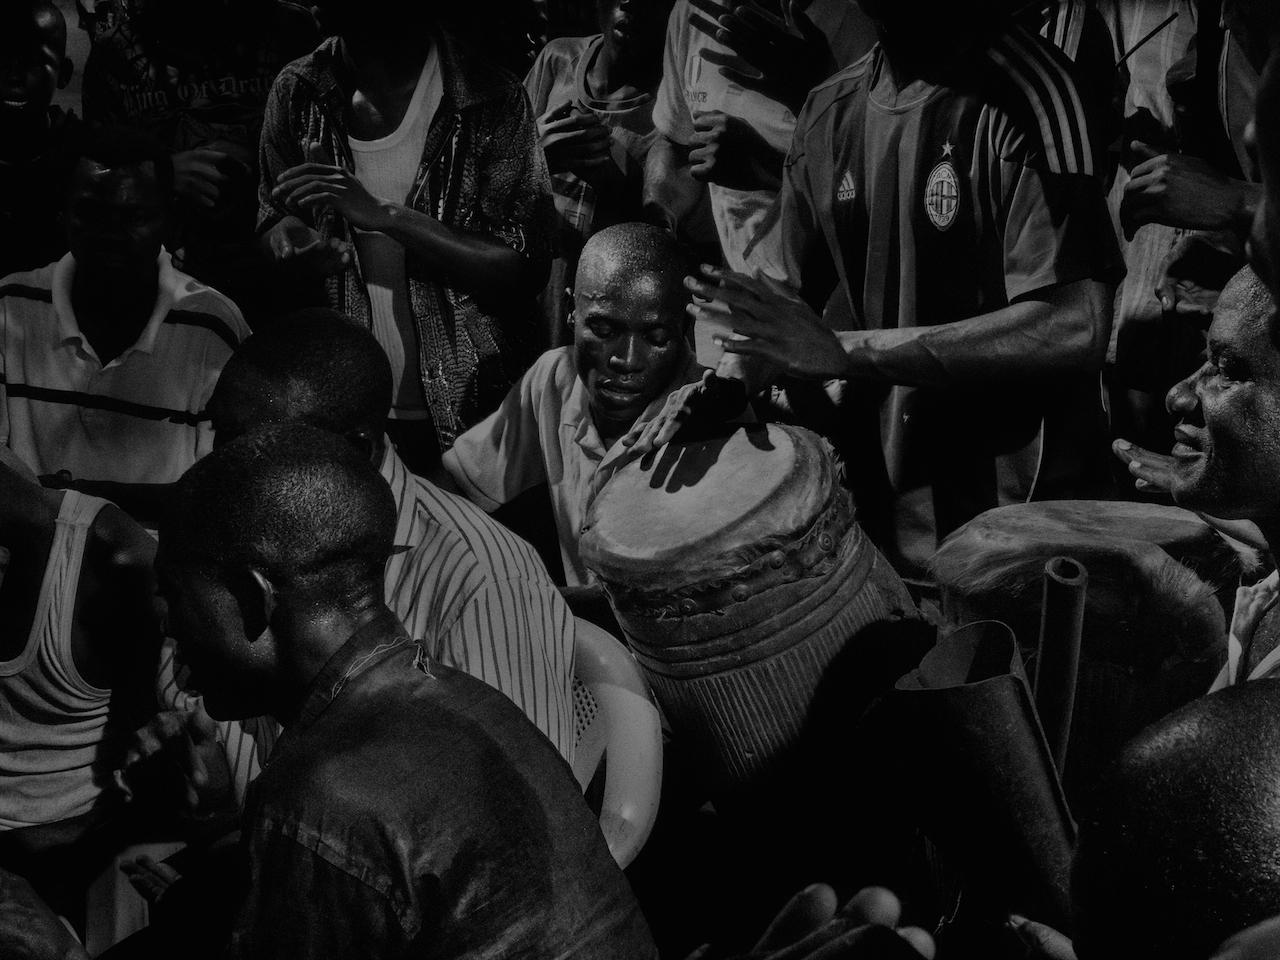 Congo, 2013.